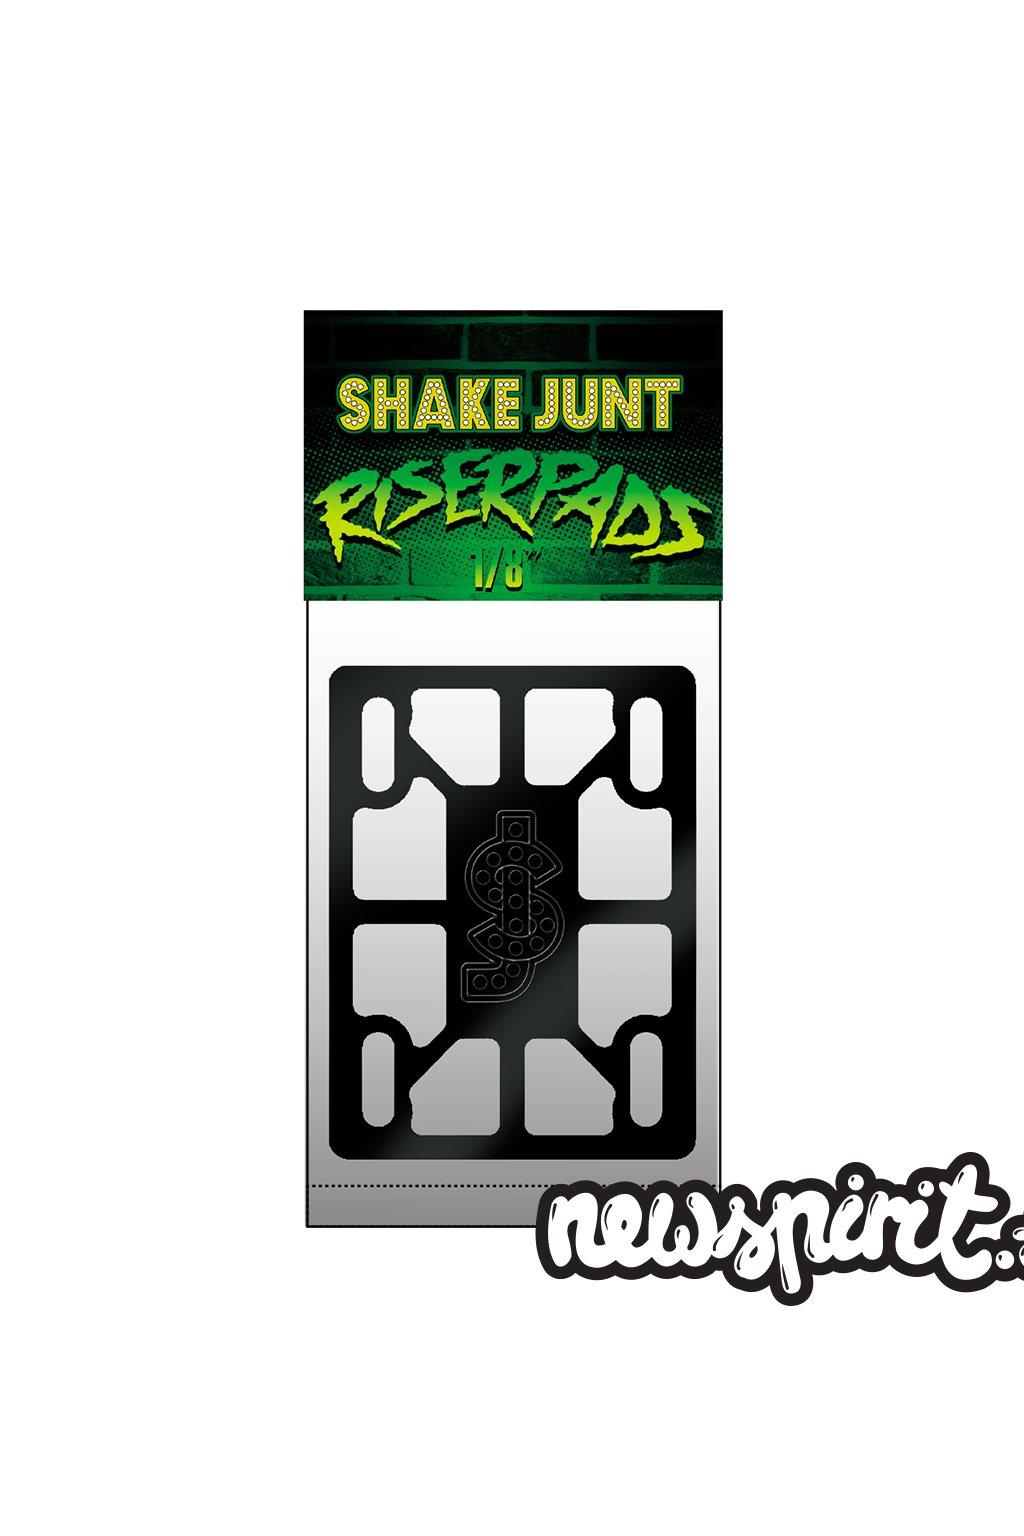 shake junt riser pads mock